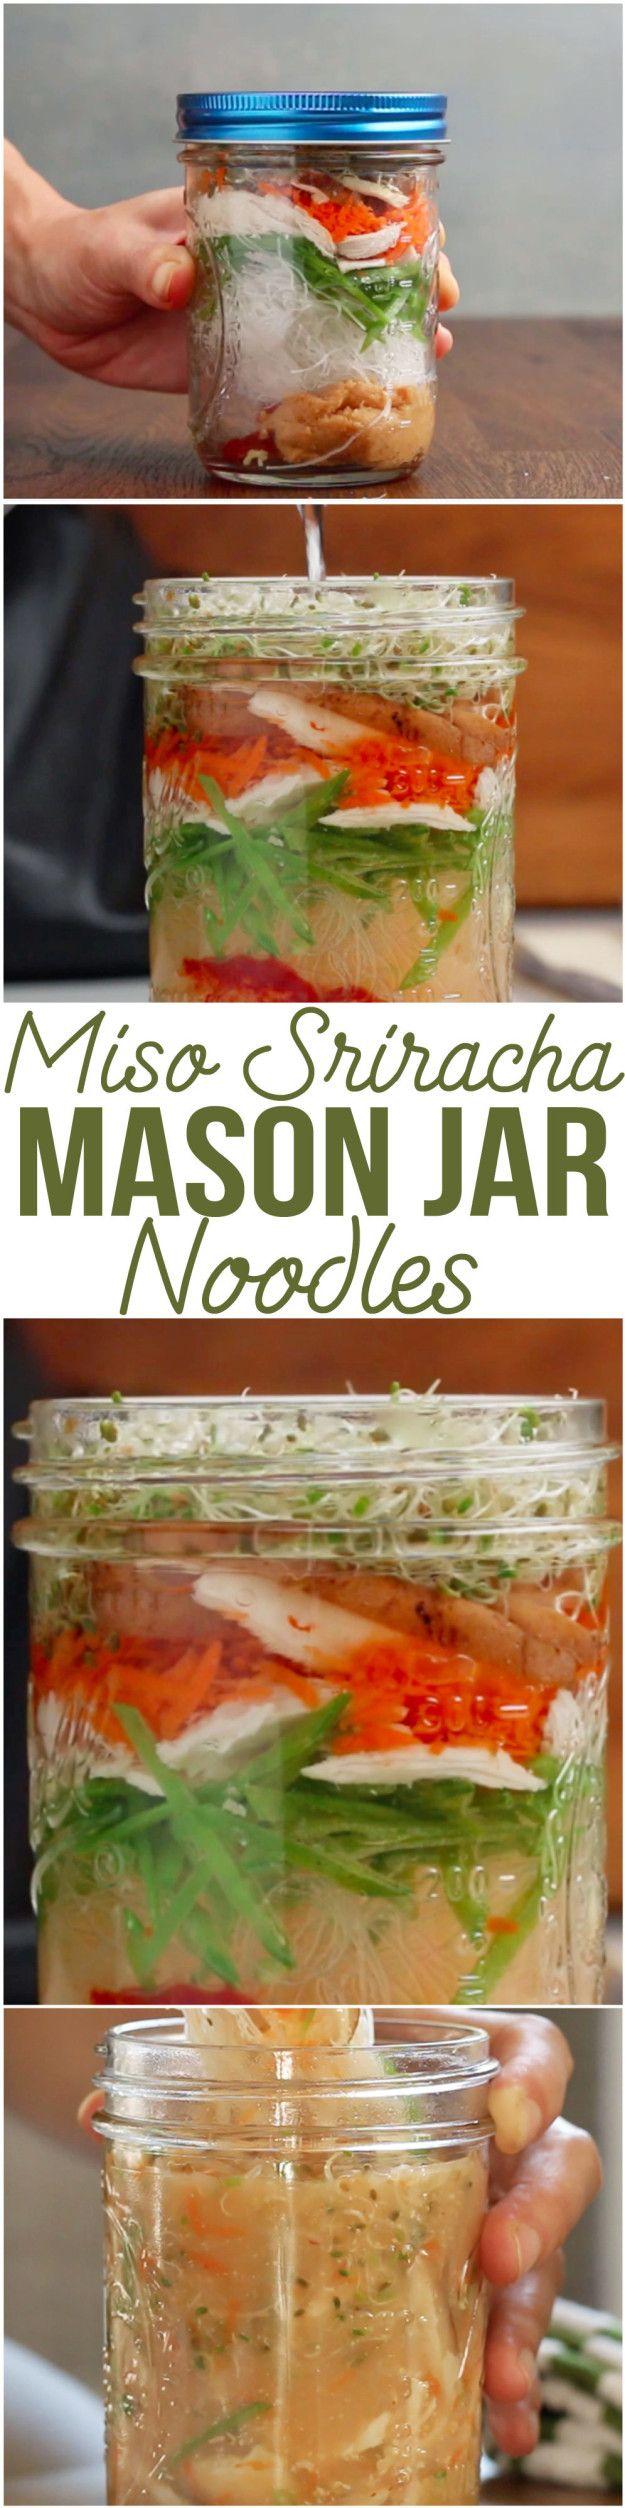 Miso Sriracha Mason Jar Noodles                                                                                                                                                                                 More